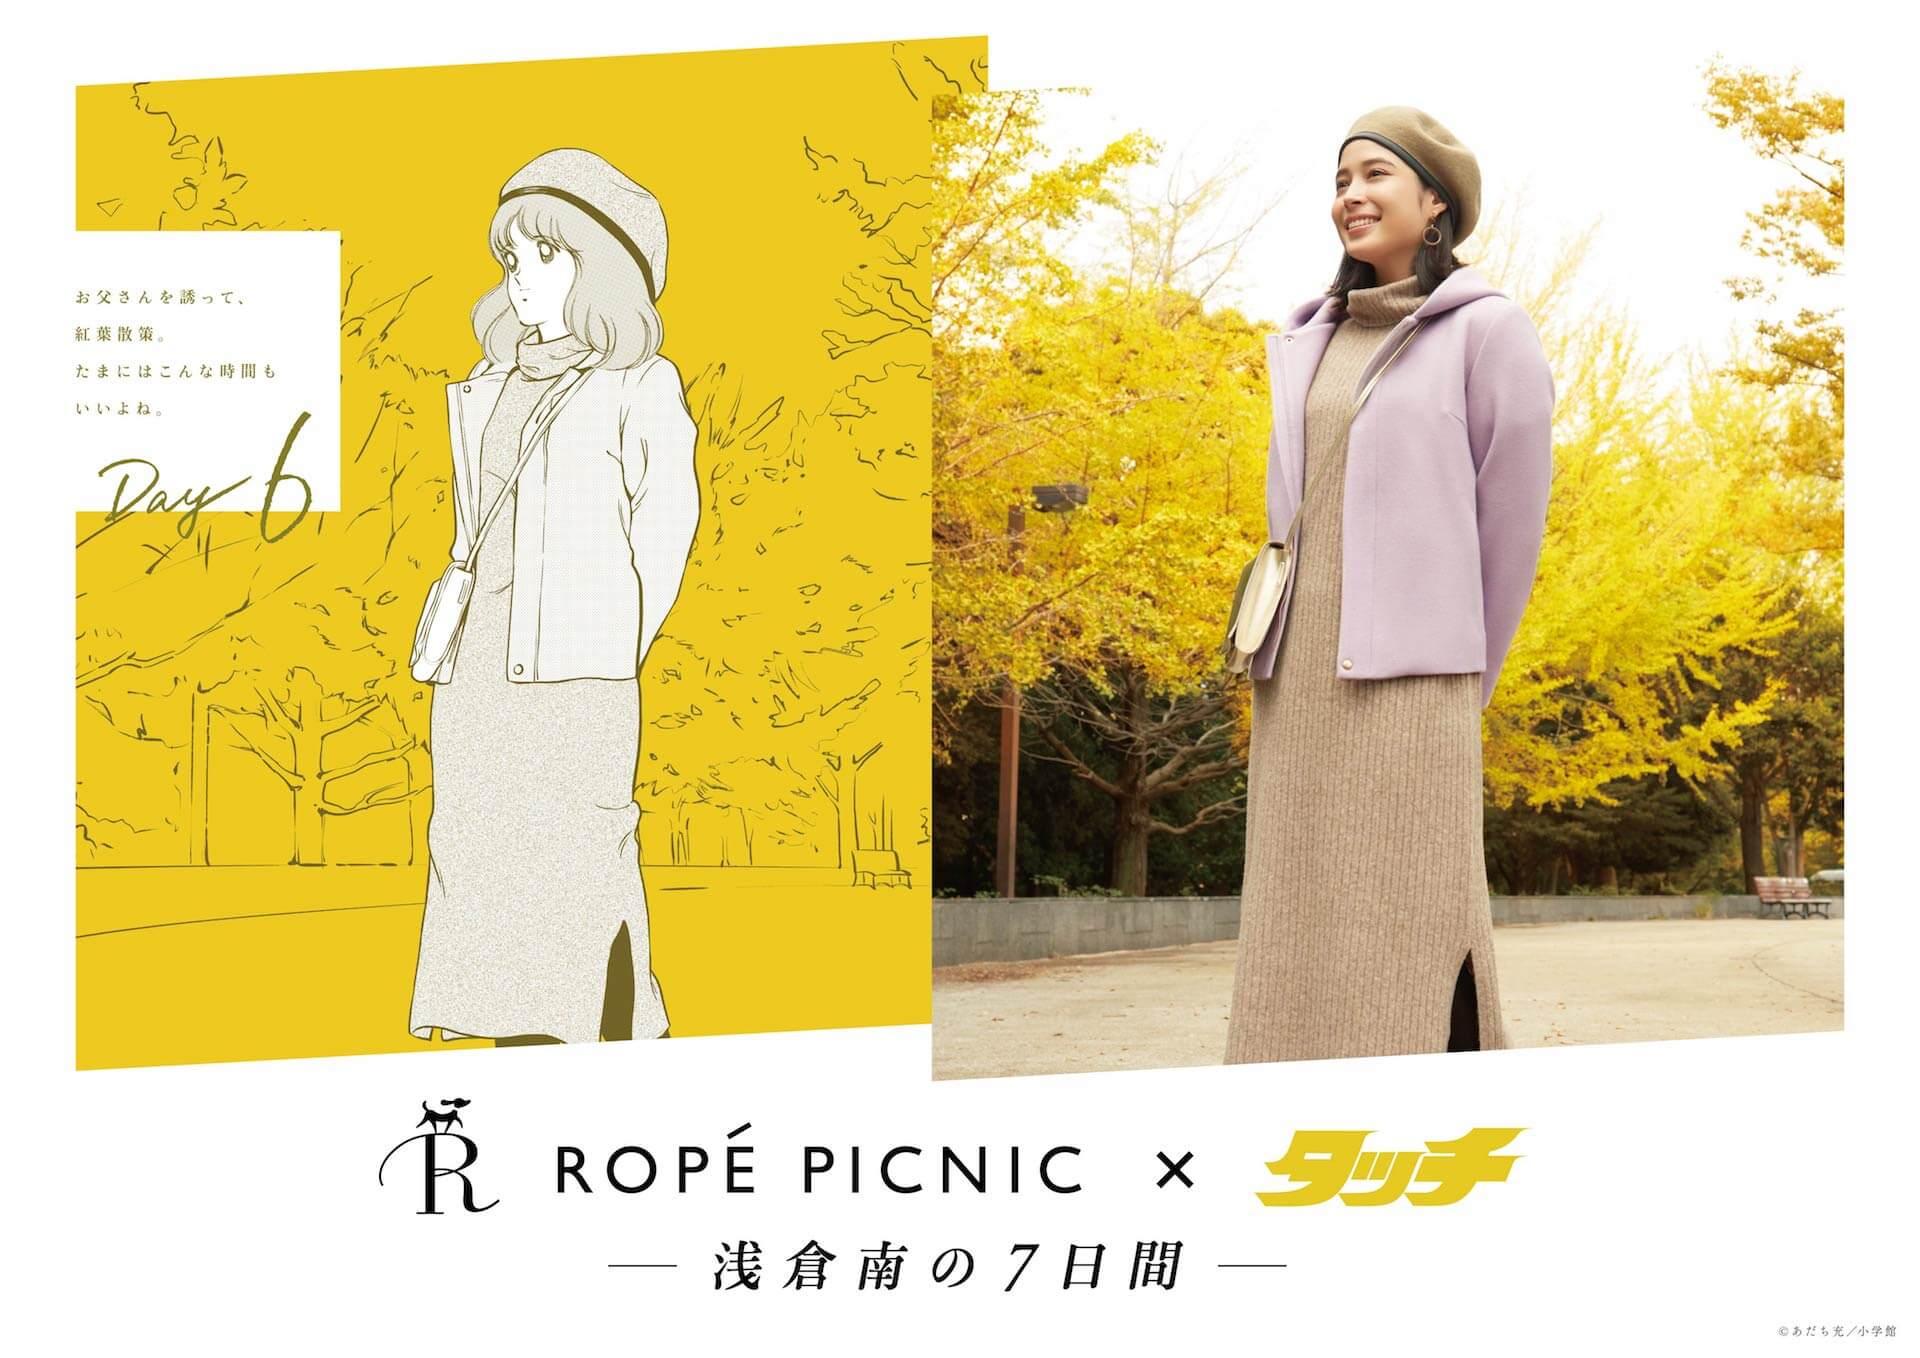 広瀬アリスが「タッチ」南ちゃんに!インタビューでは「かわいいにまっすぐ」なことについて語る life-fashion191125-ropepicnic-hirosealice-7